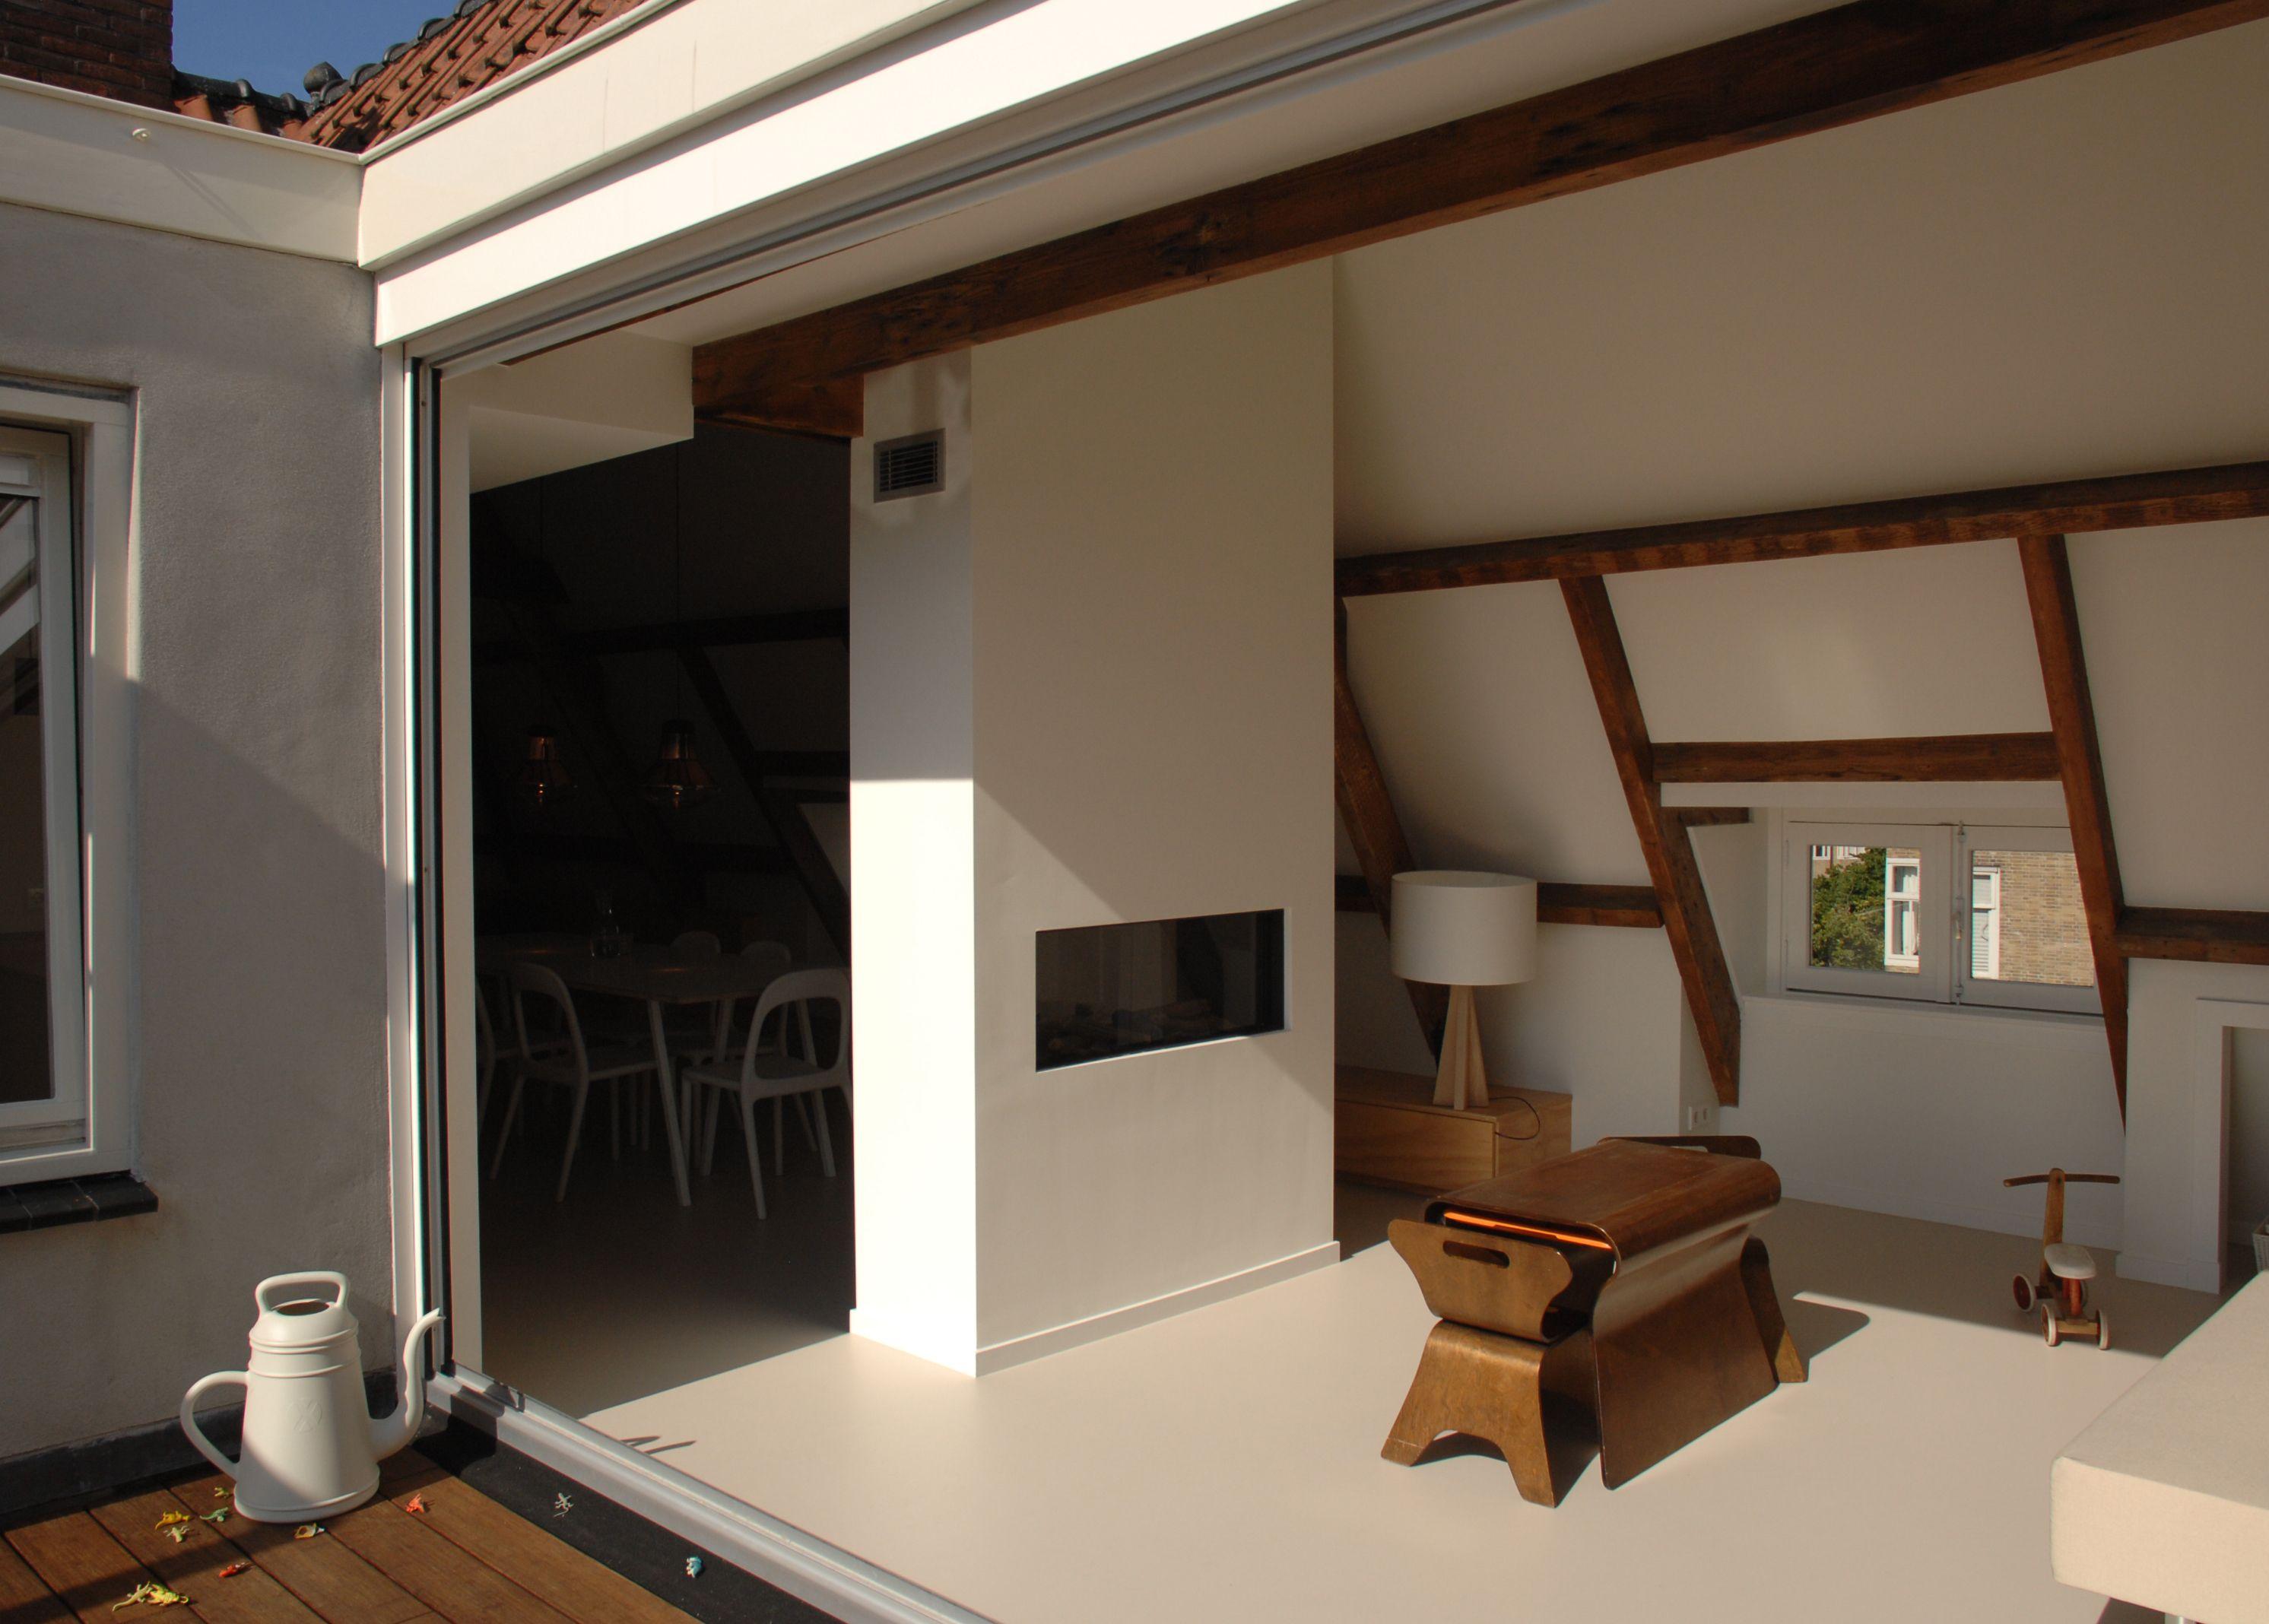 Ontwerp studio ei zolder 4 amsterdam van opslagzolder for Interieurontwerp amsterdam